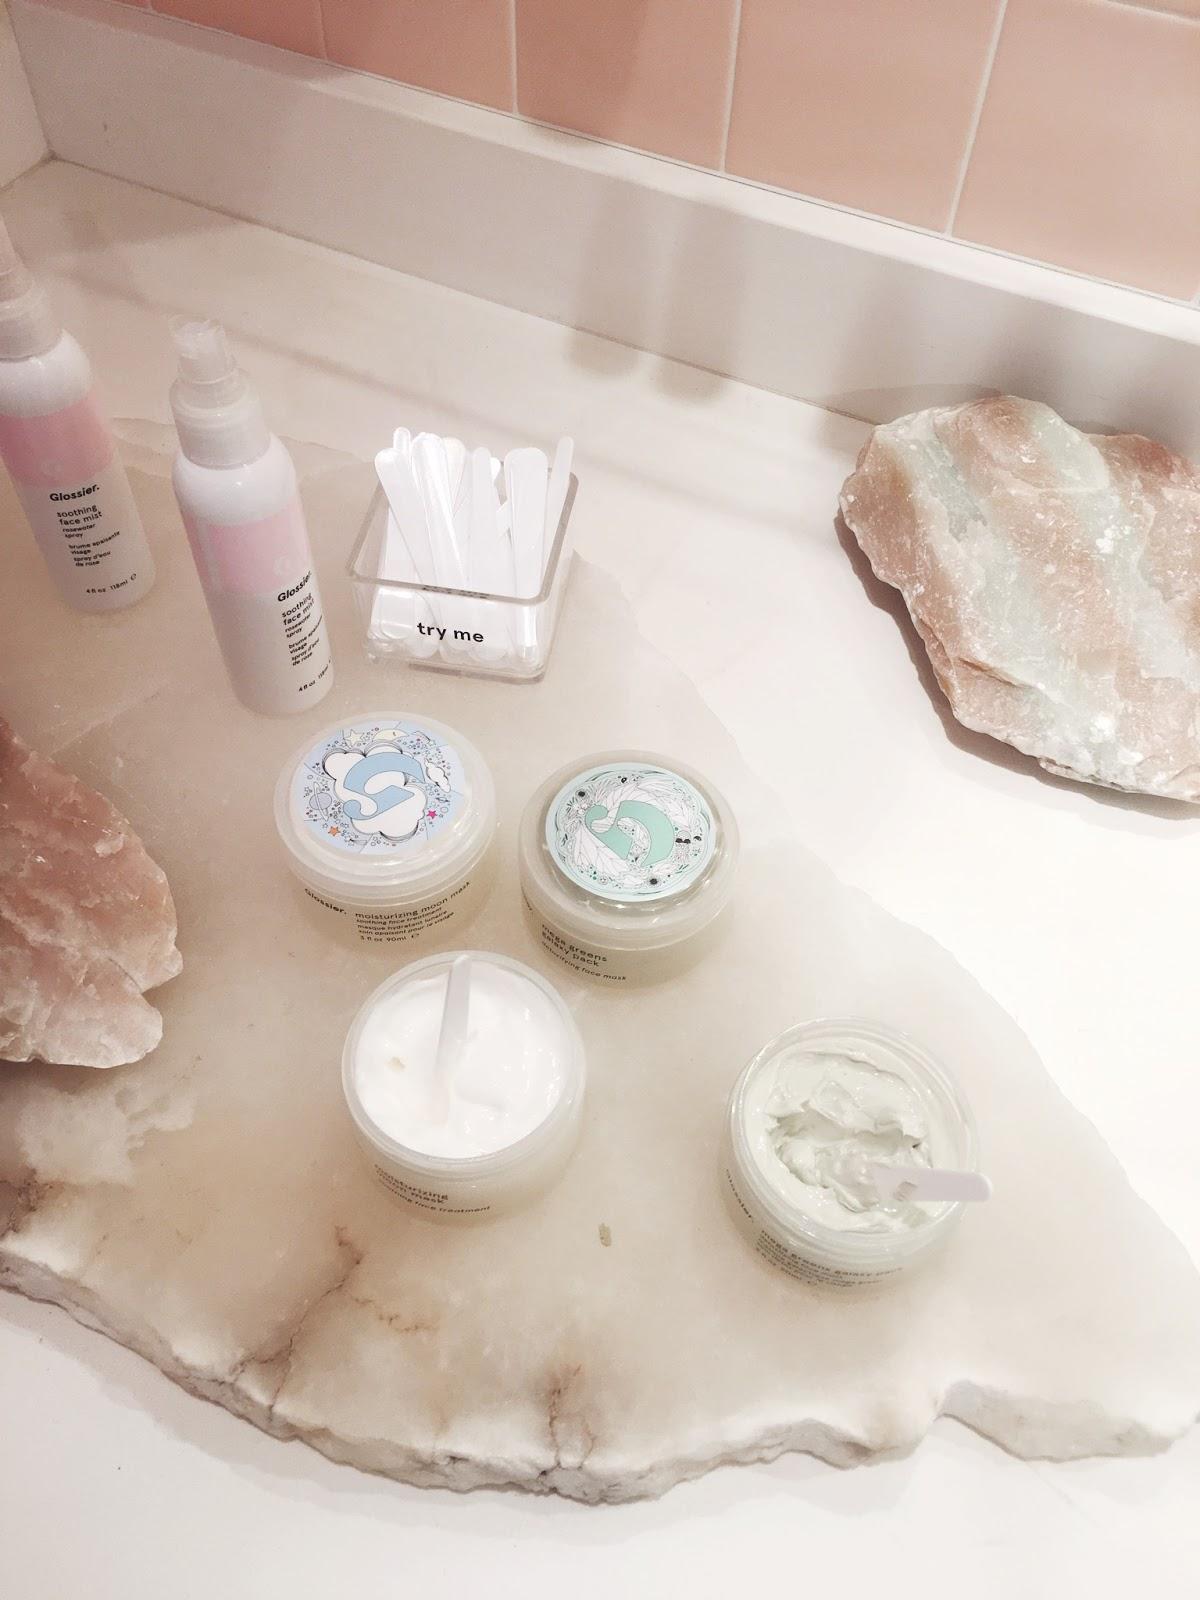 glossier masks, glossier skincare, trendy skincare